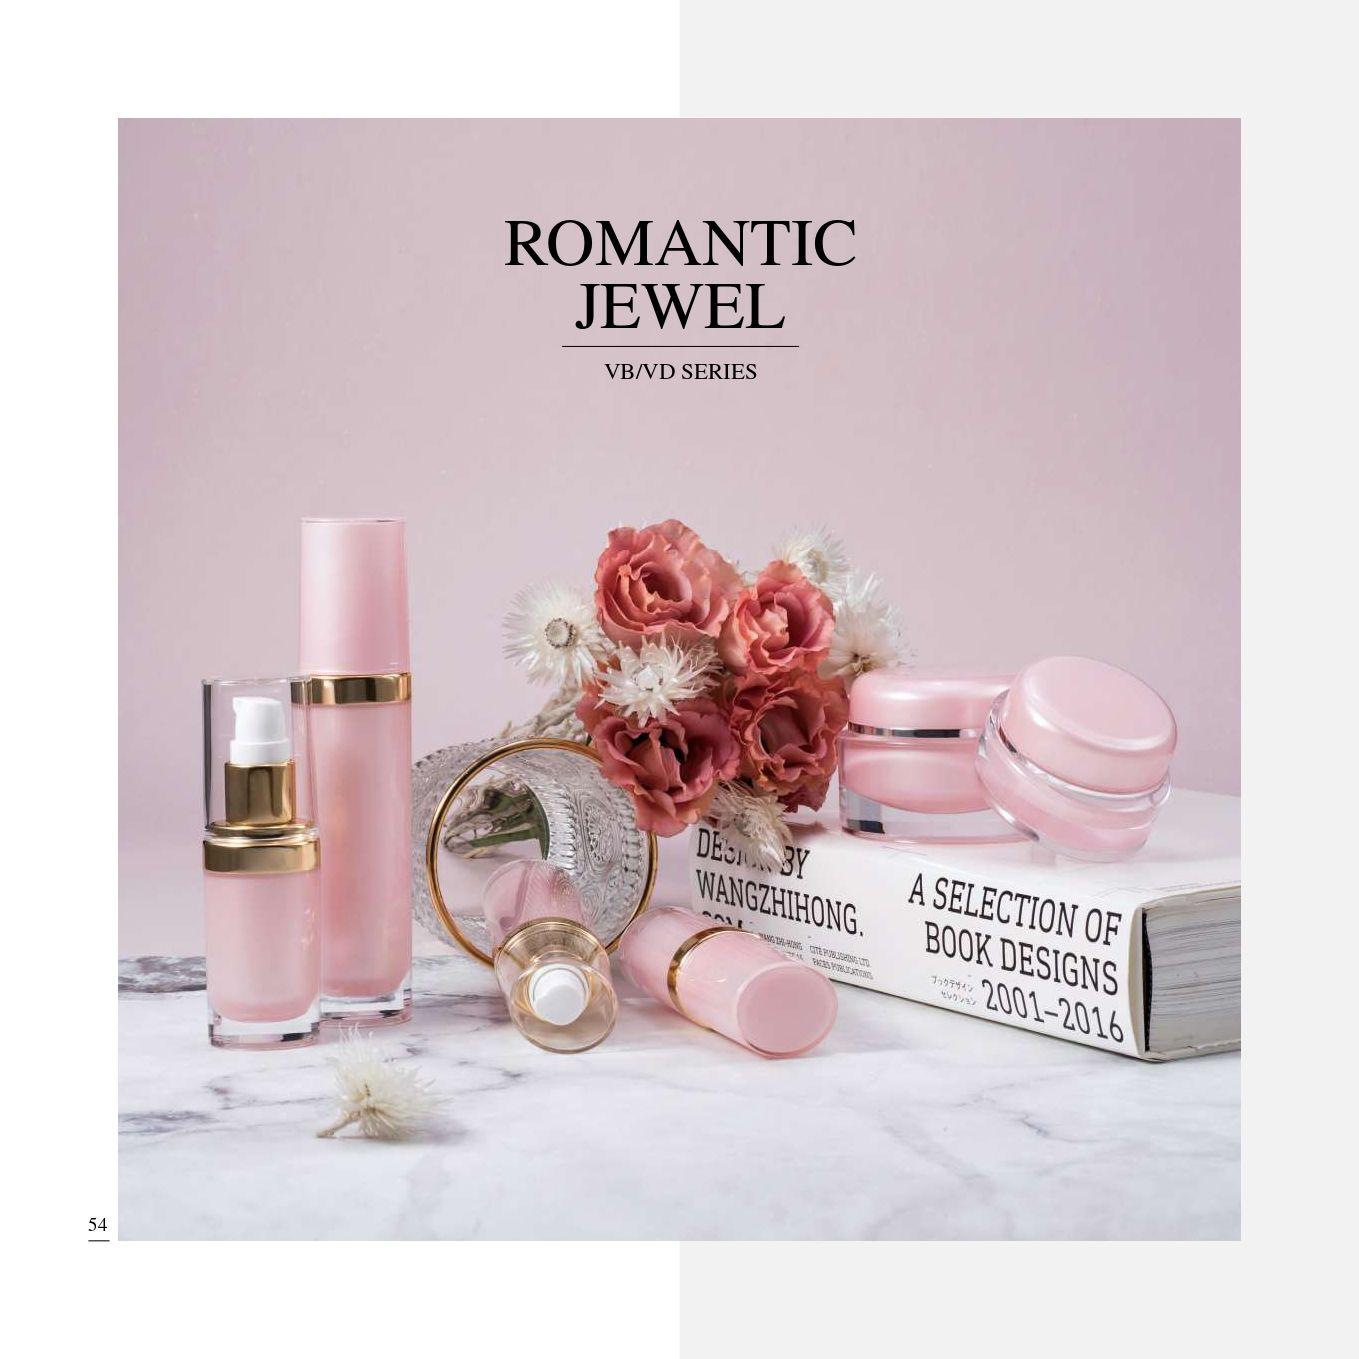 Round Shape Acrylic Luxury Cosmetic & Skincare Packaging - Cosmetic Packaging Collection - Romantic Jewel